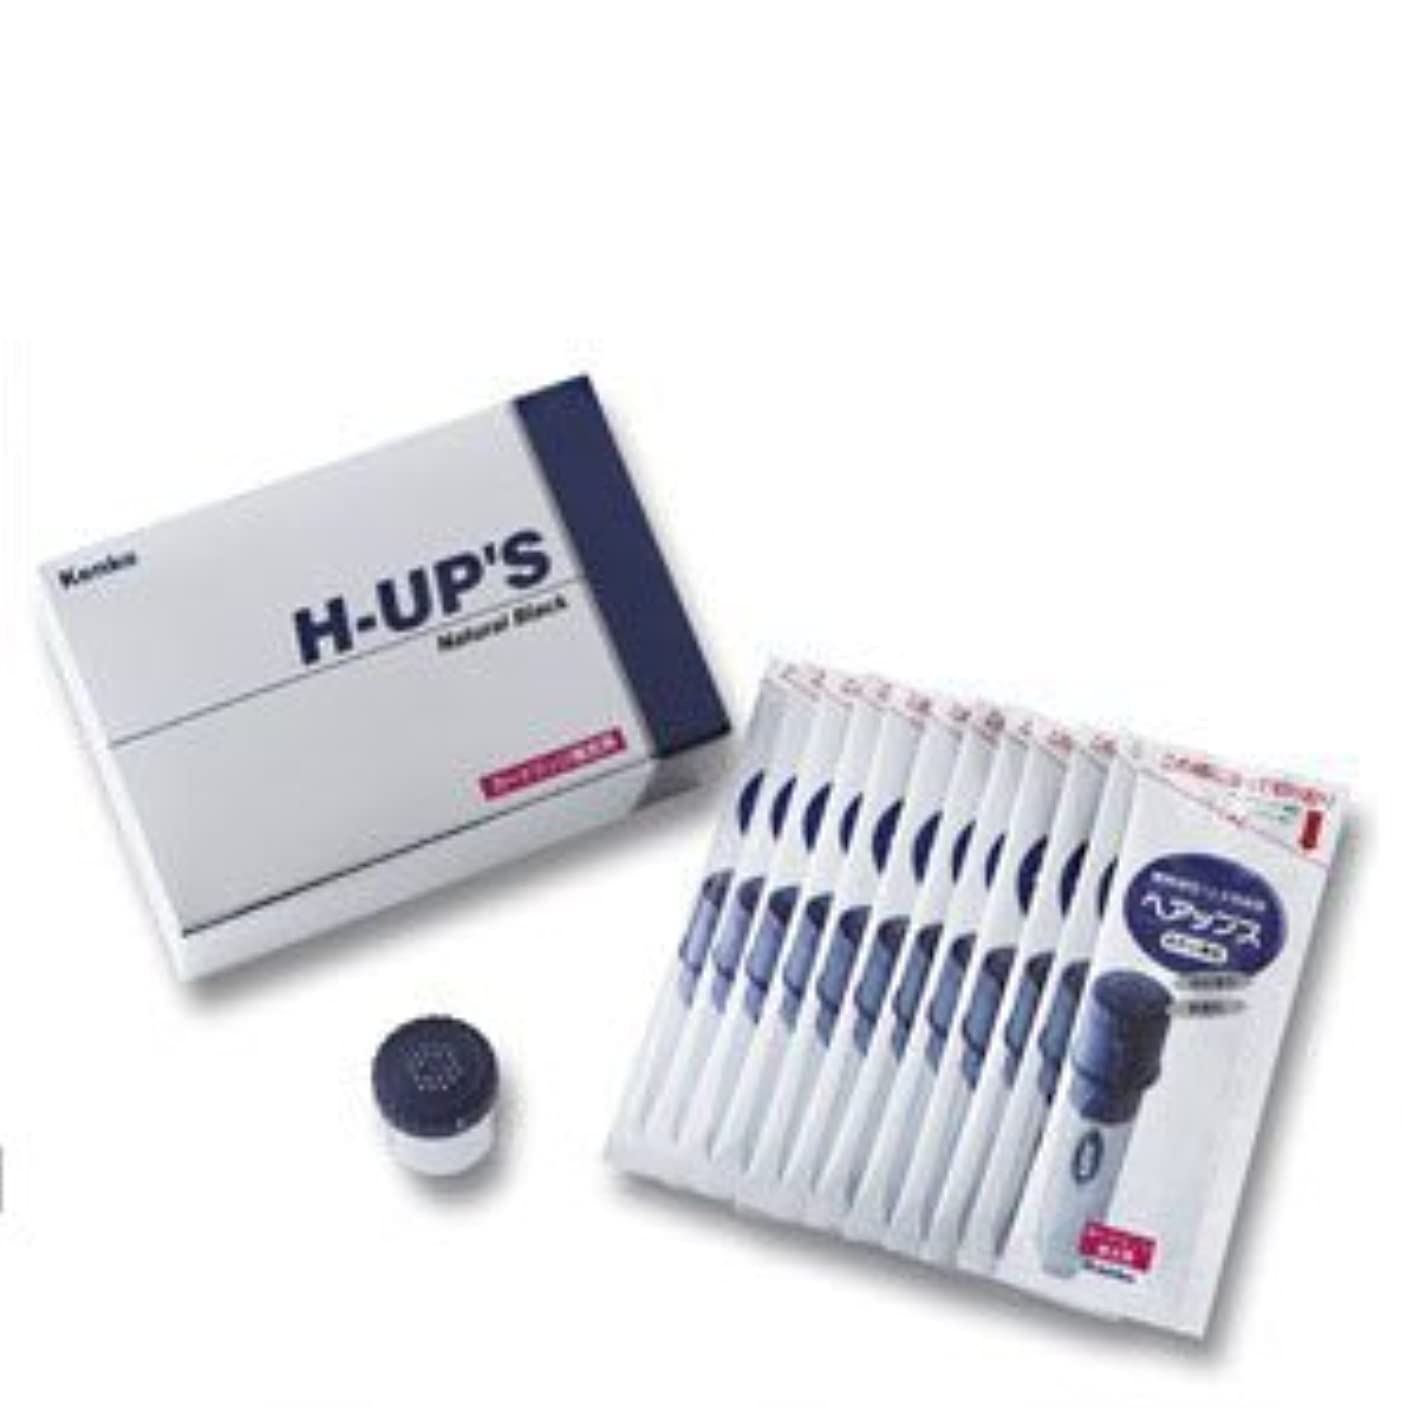 振りかけるラフ六月H-UP S ヘアップス 補充用カートリッジ 頭皮薄毛カバー粉末 ブラウン